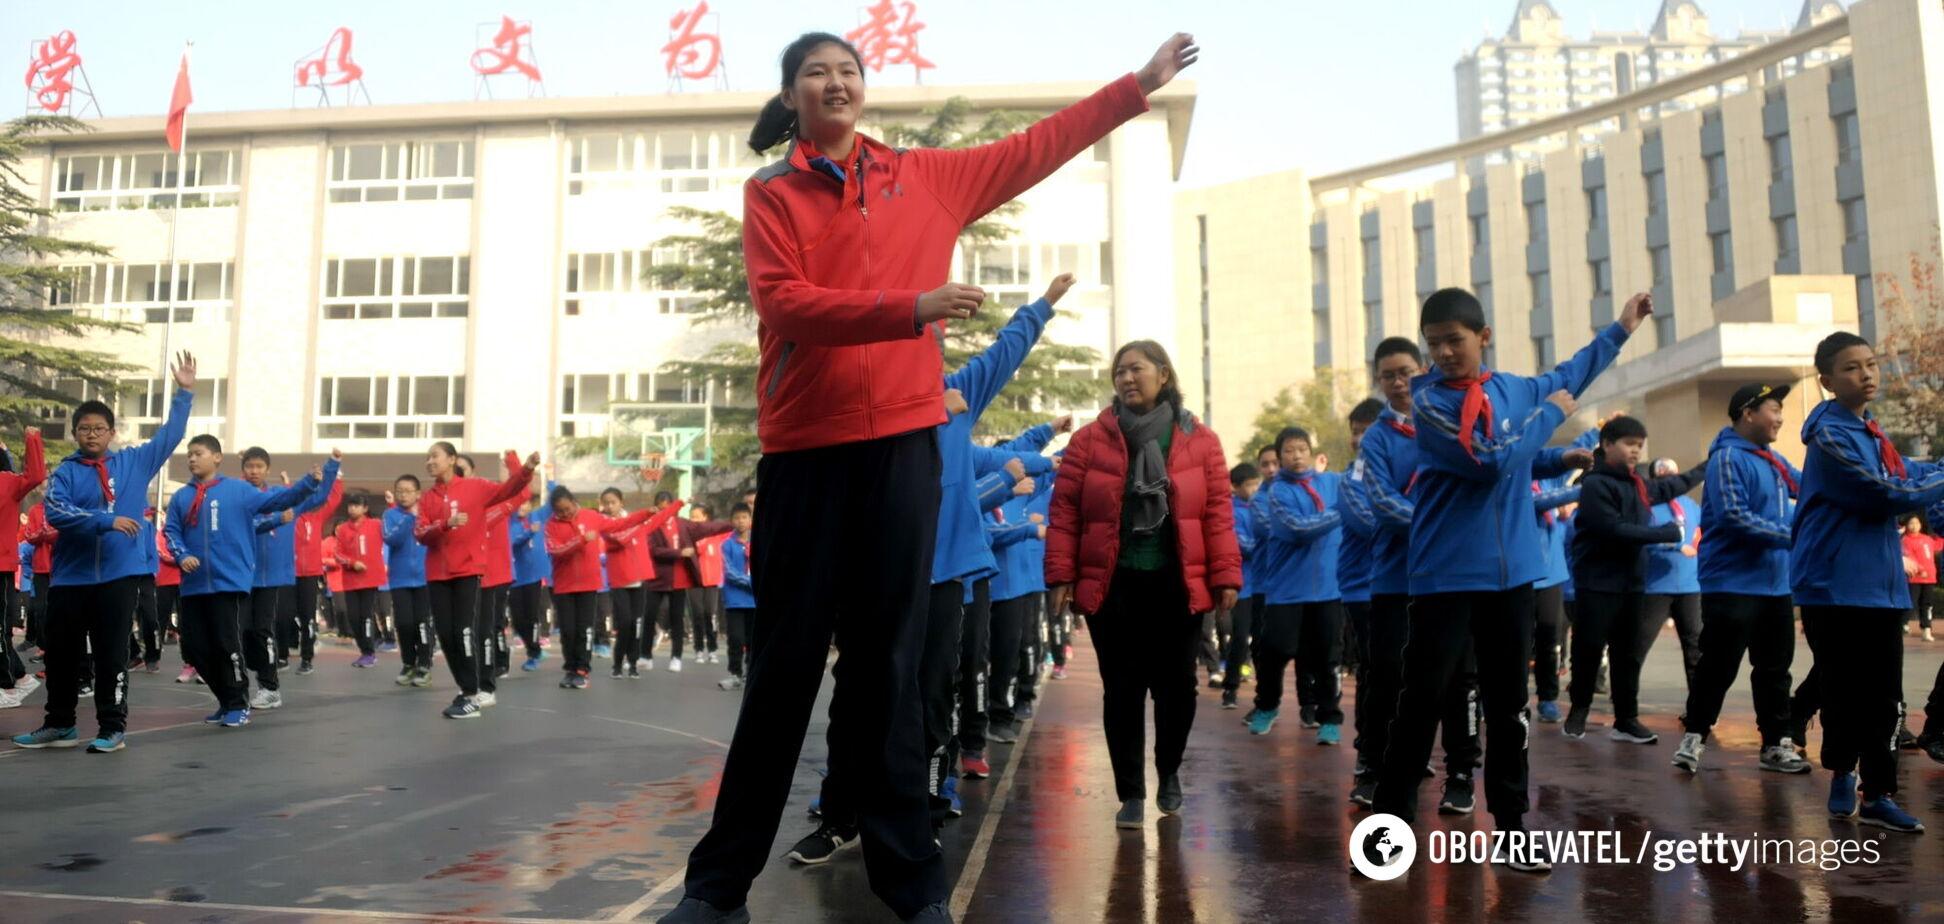 Zhang Ziyu